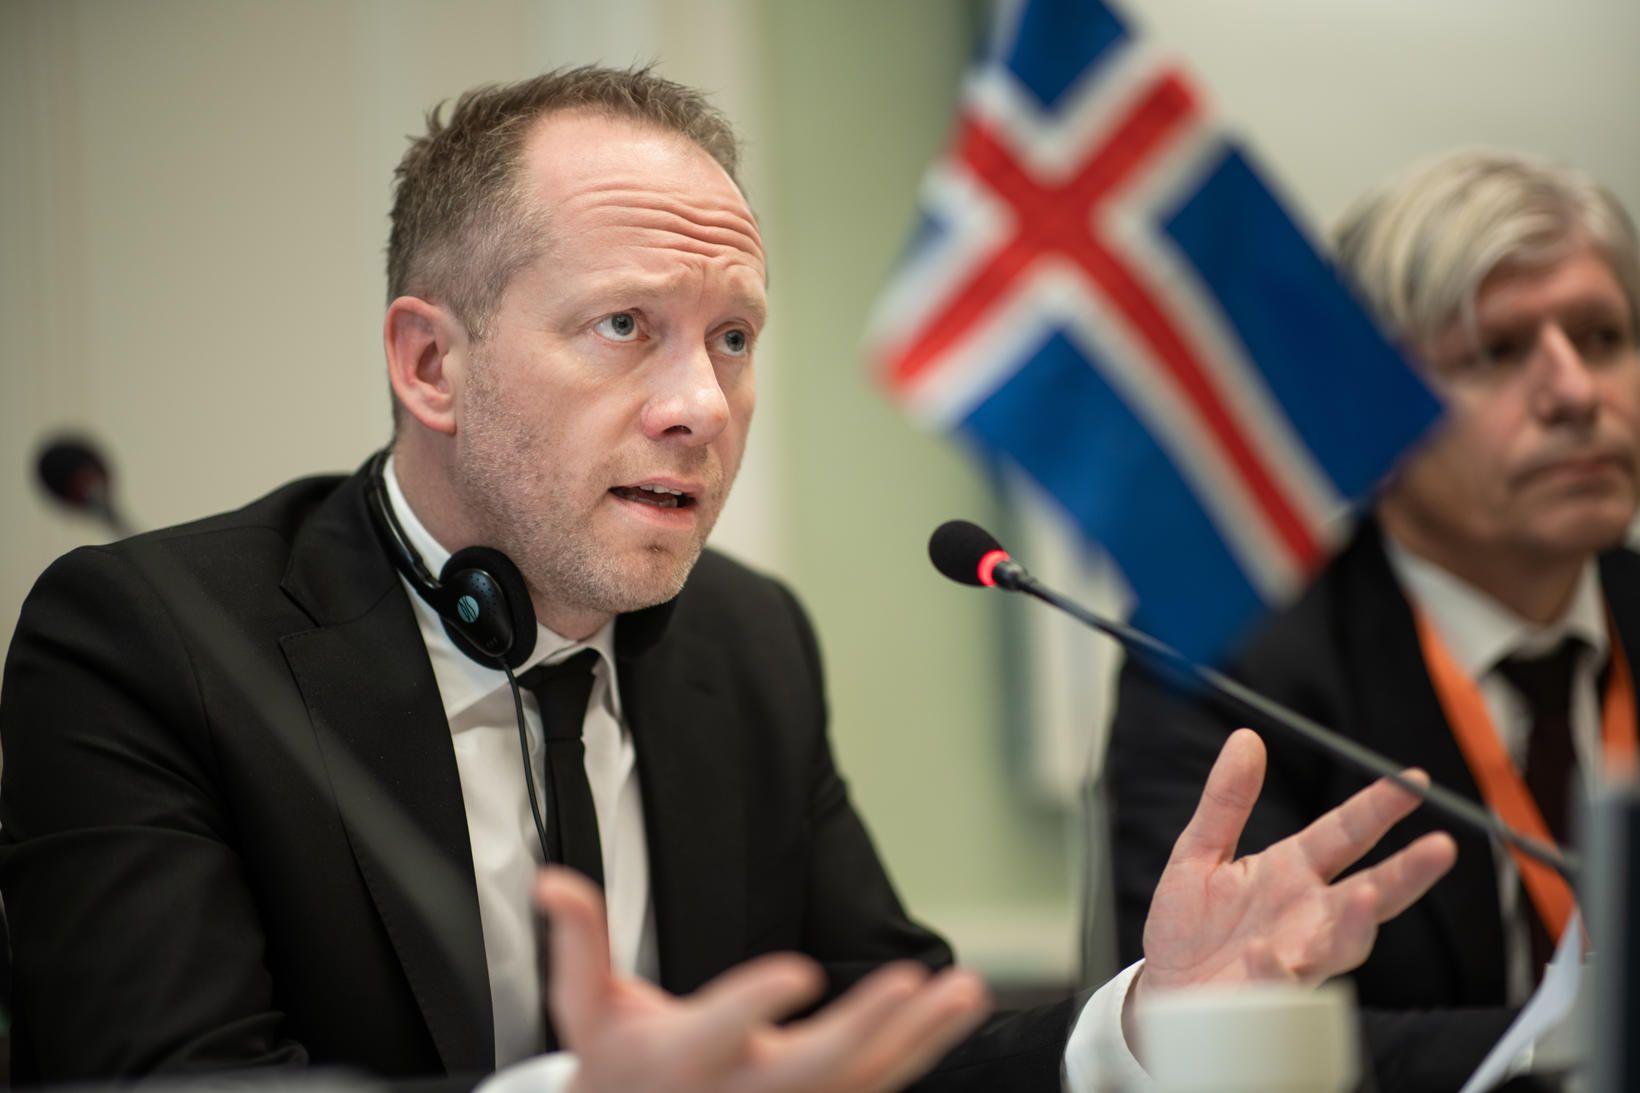 Guðmundur Ingi Guðbrandsson umhverfisráðherra fagnar því hvað umhverfismál og loftslagsmál …